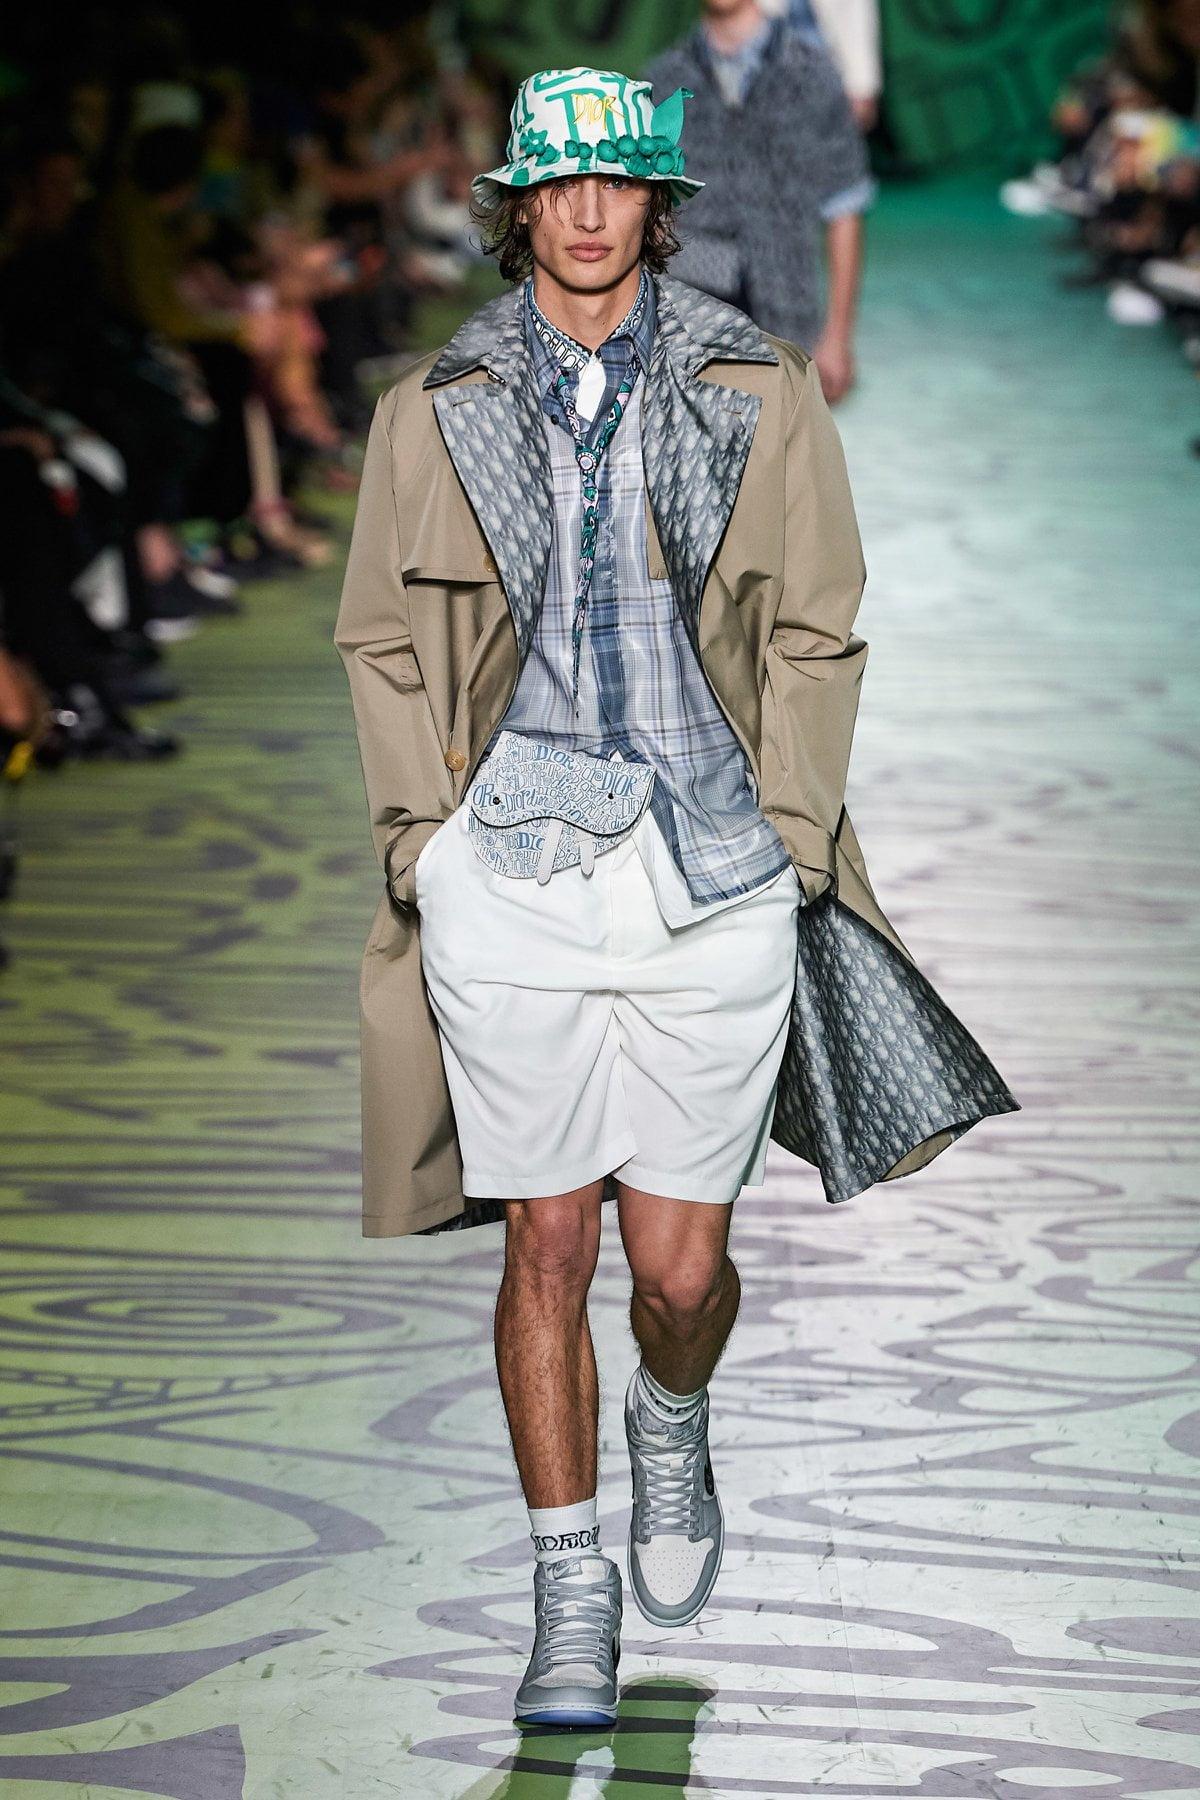 Dior muốn đánh gục cả thế giới với dòng thời trang nam đầy nhục cảm 17